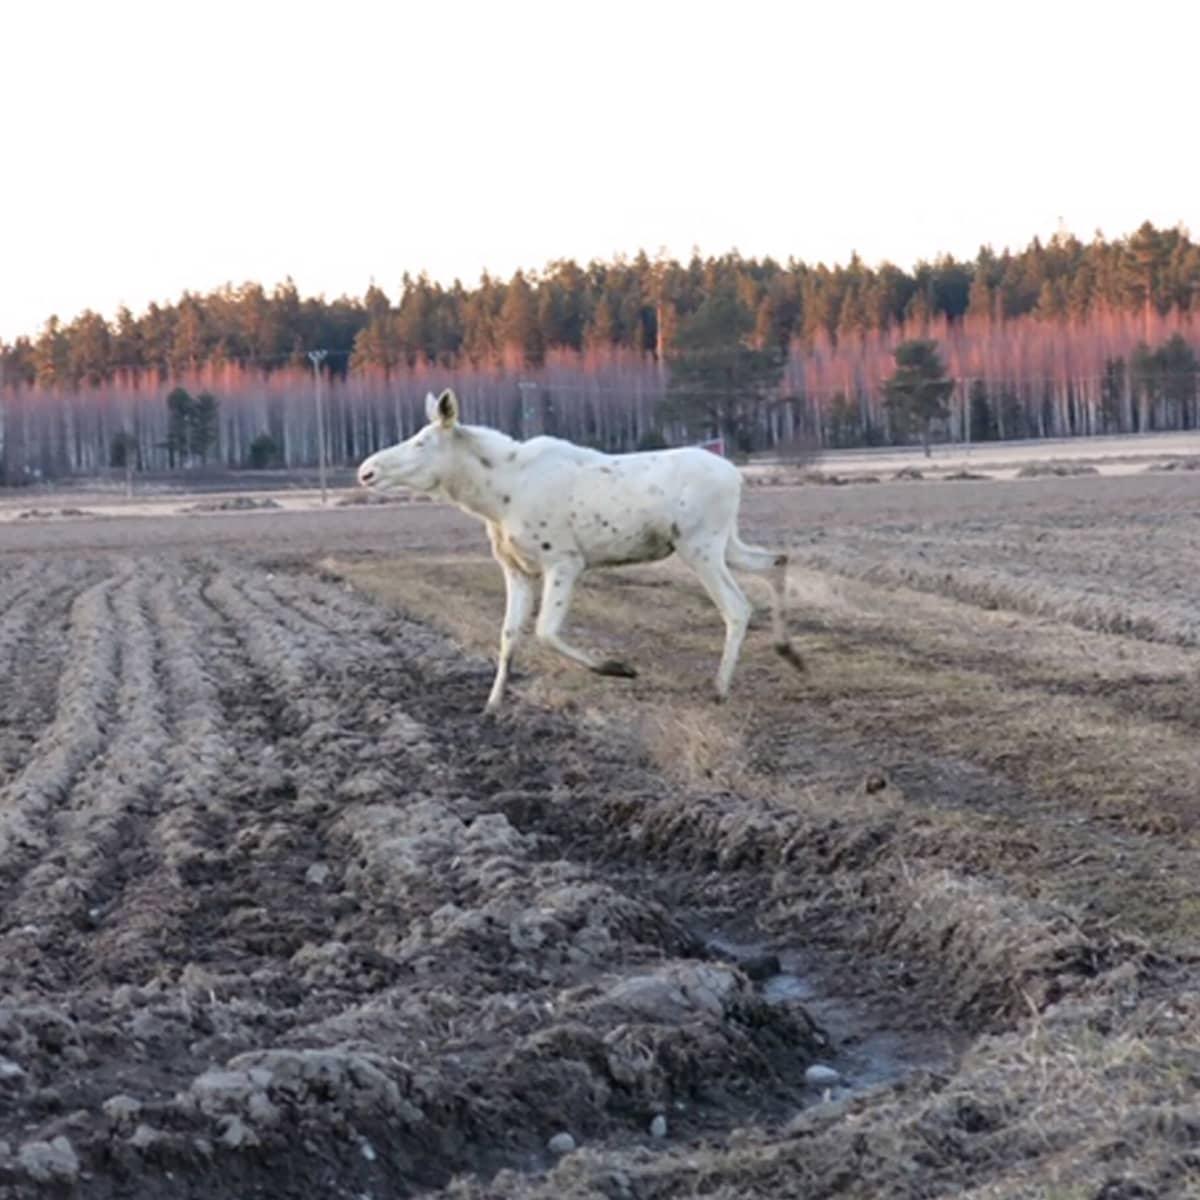 Valkoinen hirvi juoksee pellolla.